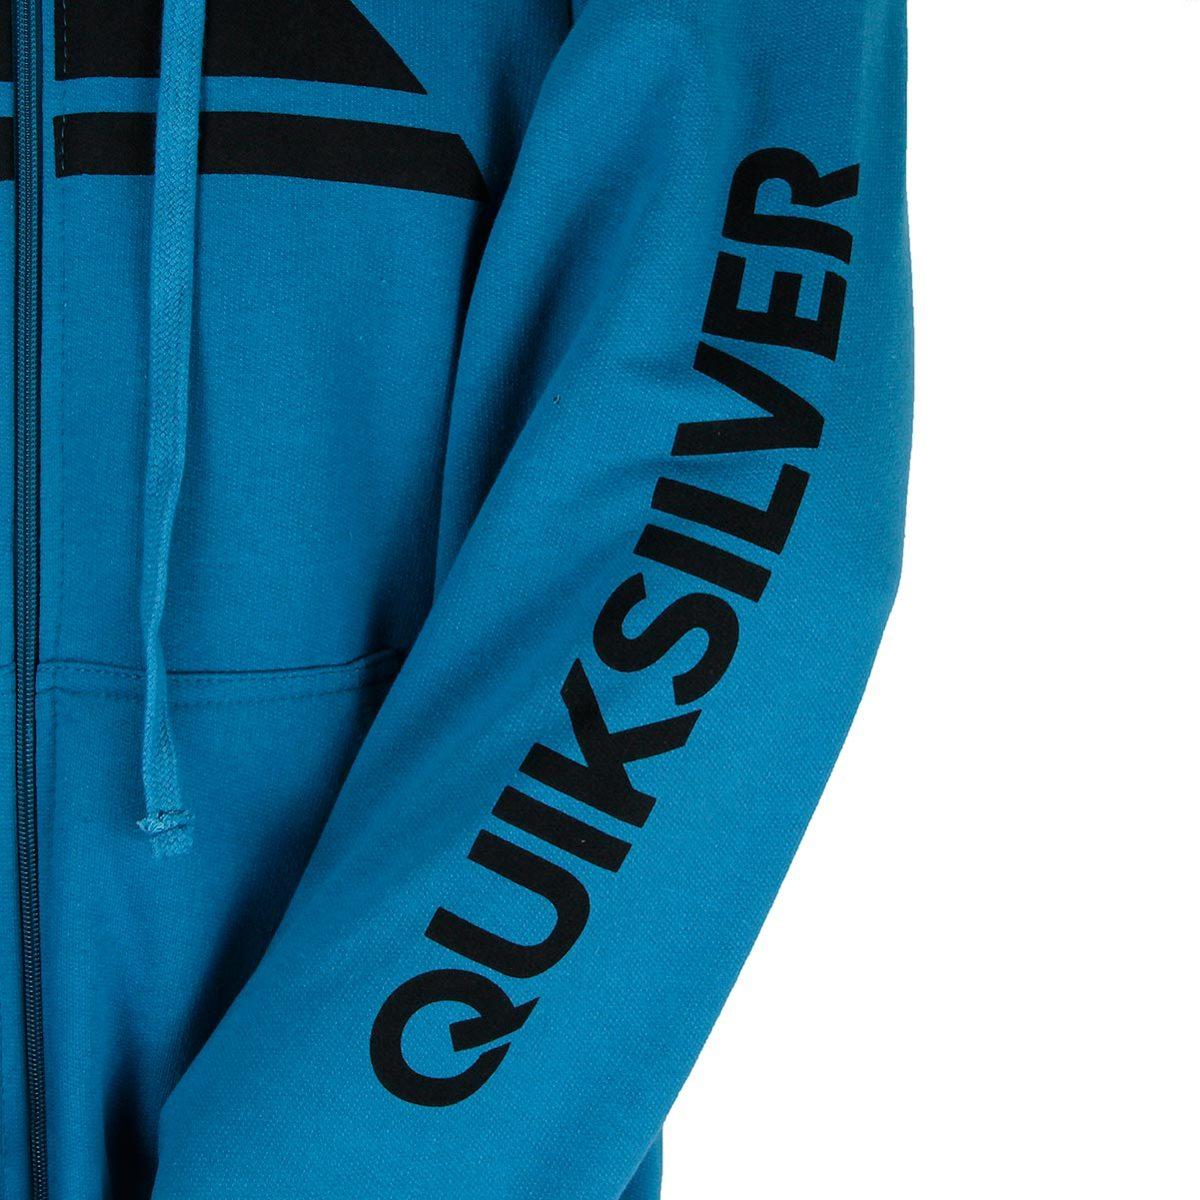 Moletom Quiksilver Aberto Letreiro - Azul - R  209,00 em Mercado Livre 95d496e265